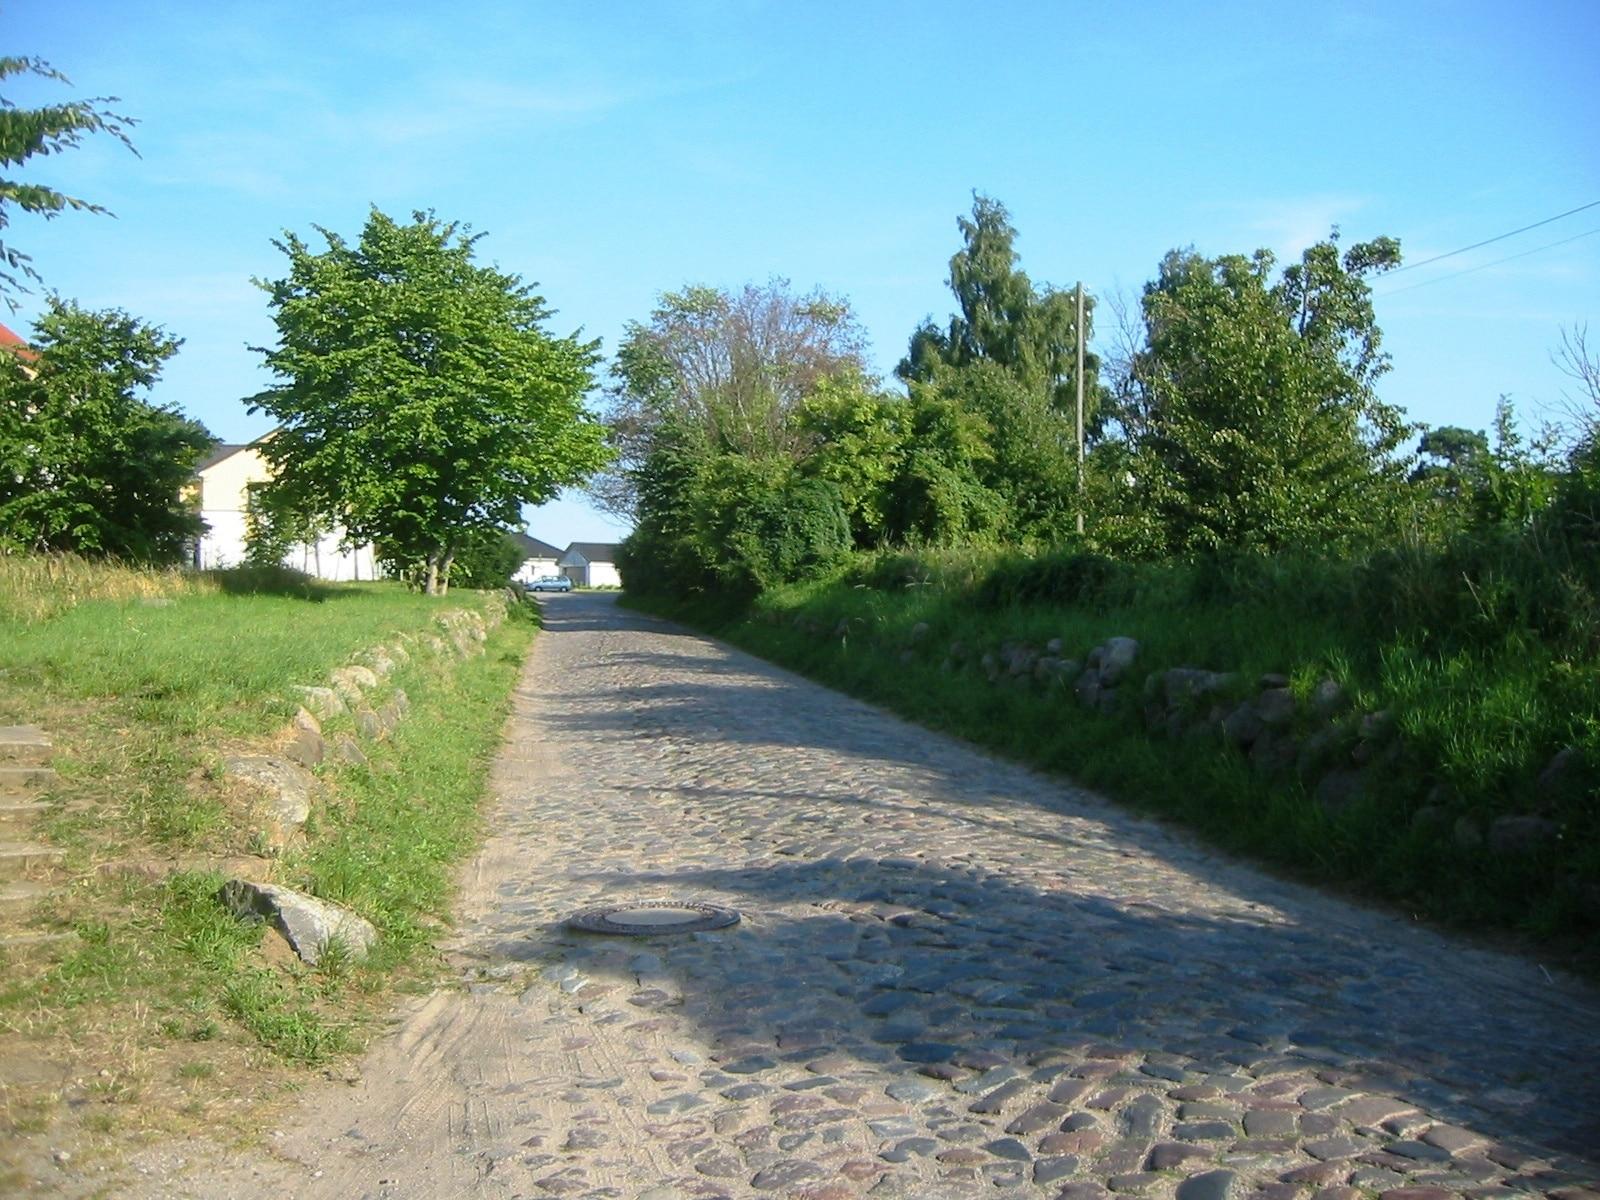 Lubmin, Mecklenburg-West Pomerania, Germany